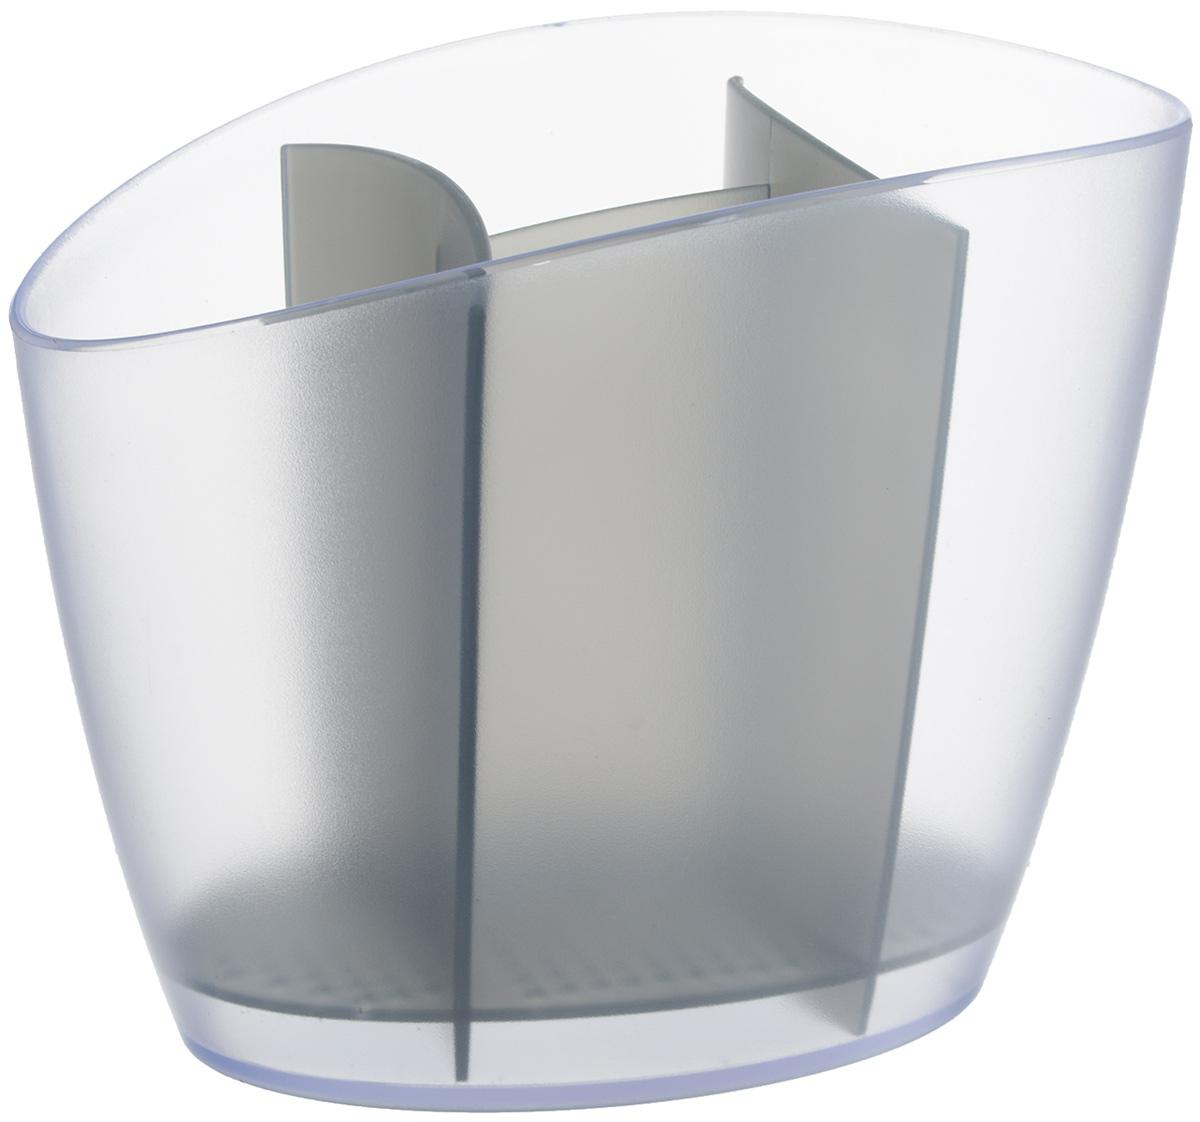 Сушилка для столовых приборов Tescoma Clean Kit, цвет: серый, 19,5 х 11 х 15,5 см900640.43Сушилка Tescoma Clean Kit, выполненная из высококачественного пластика, прекрасно подходит для столовых приборов. Для легкости очищения снабжена вынимающейся подставкой для стока воды. Изделие хорошо впишется в интерьер, не займет много места, а столовые приборы будут всегда под рукой.Можно мыть в посудомоечной машине.Размер изделия: 19,5 х 11 х 15,5 см.